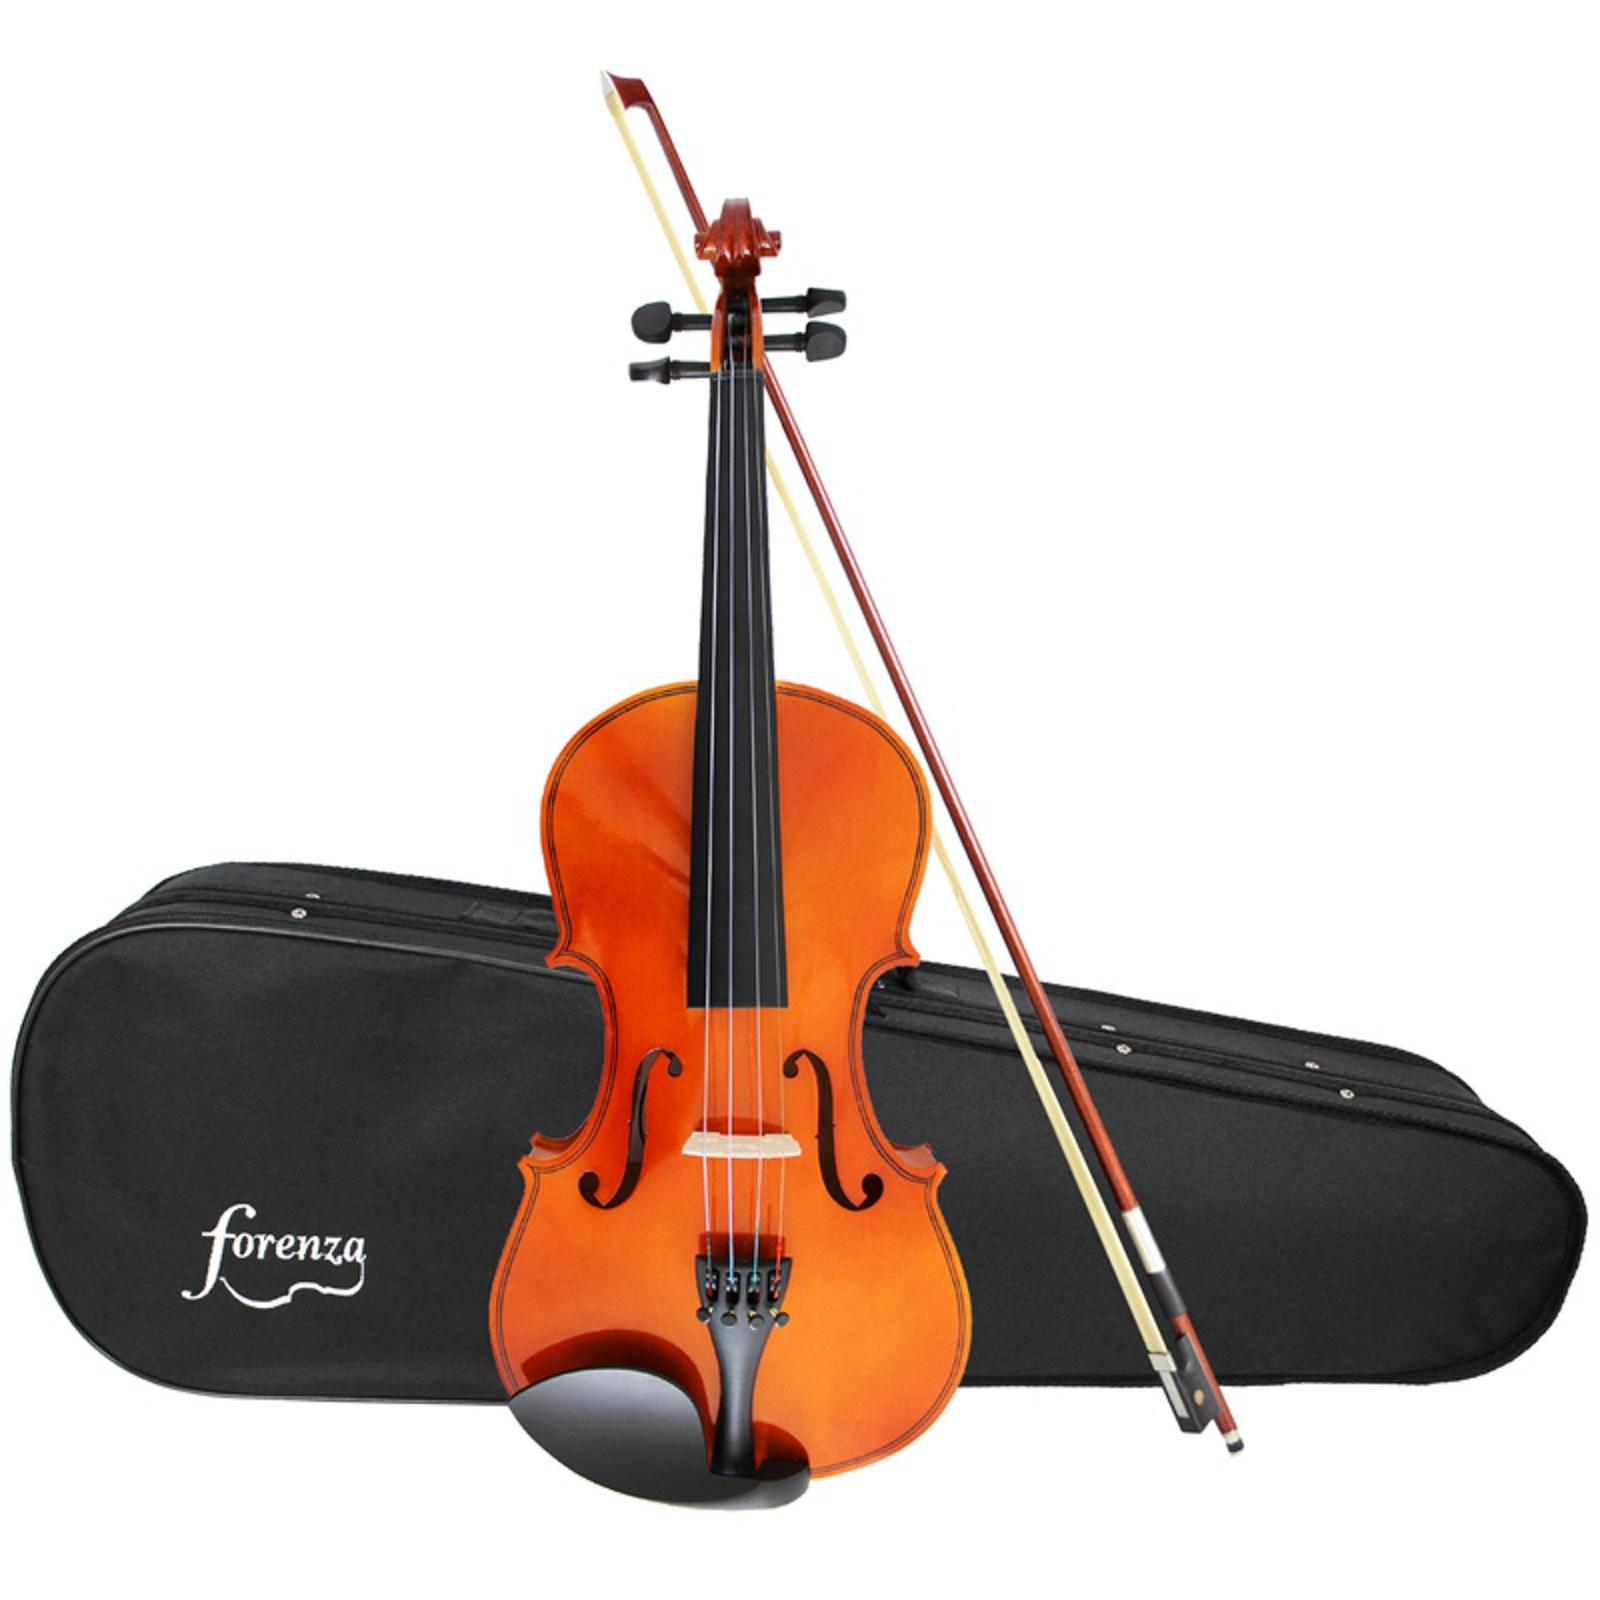 Forenza Uno full size Violin